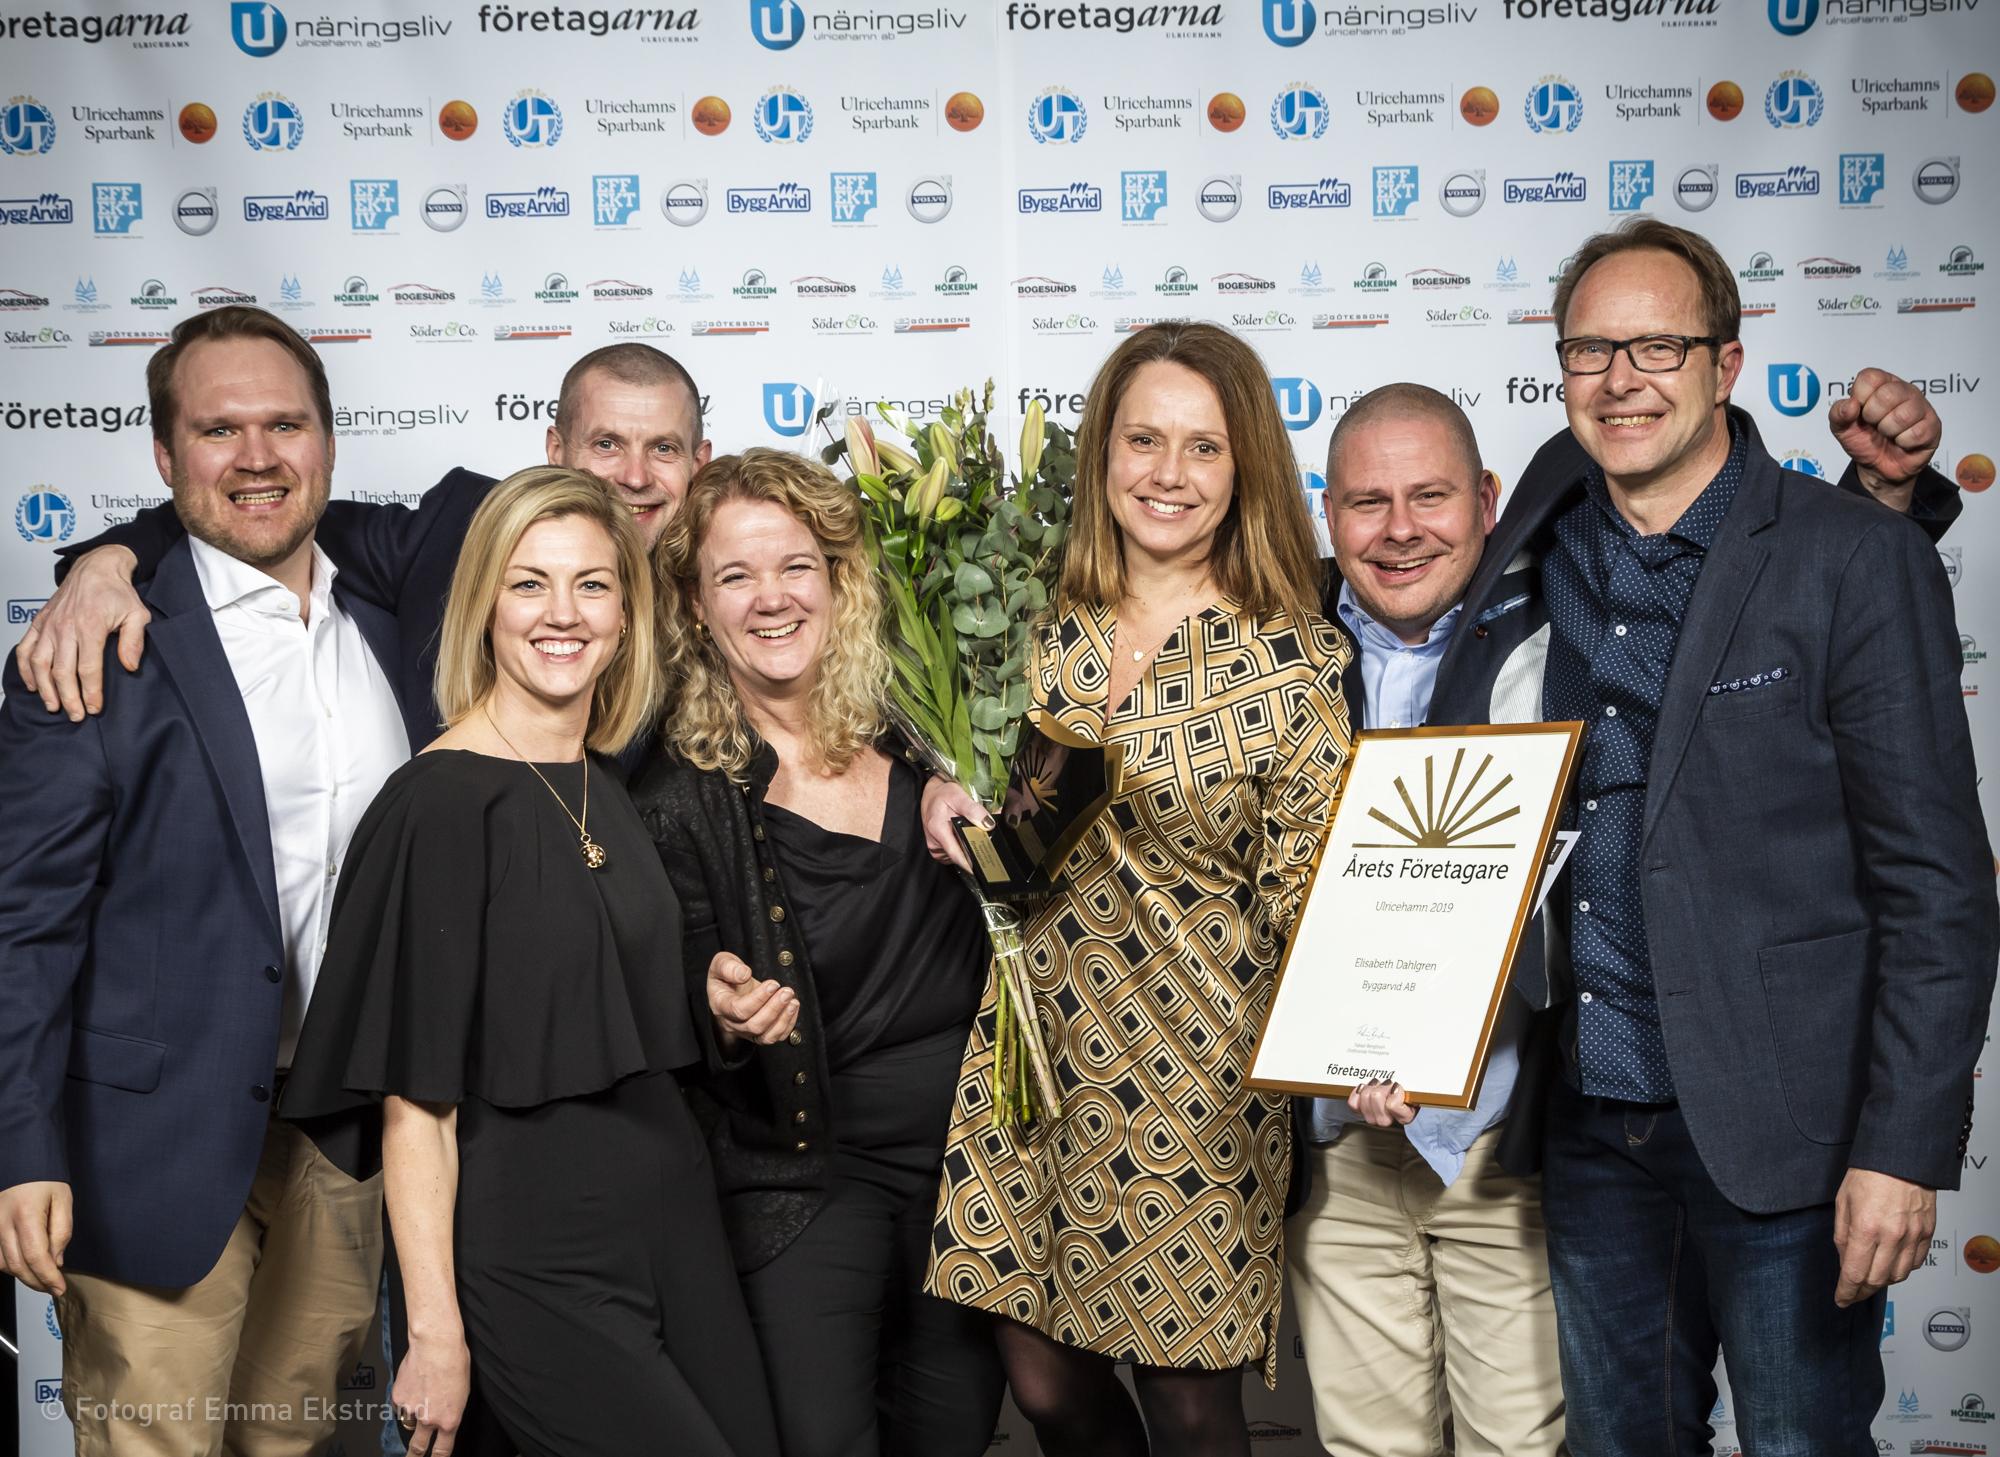 årets företagare 2019 - Elisabeth Dahlgren, Byggarvid